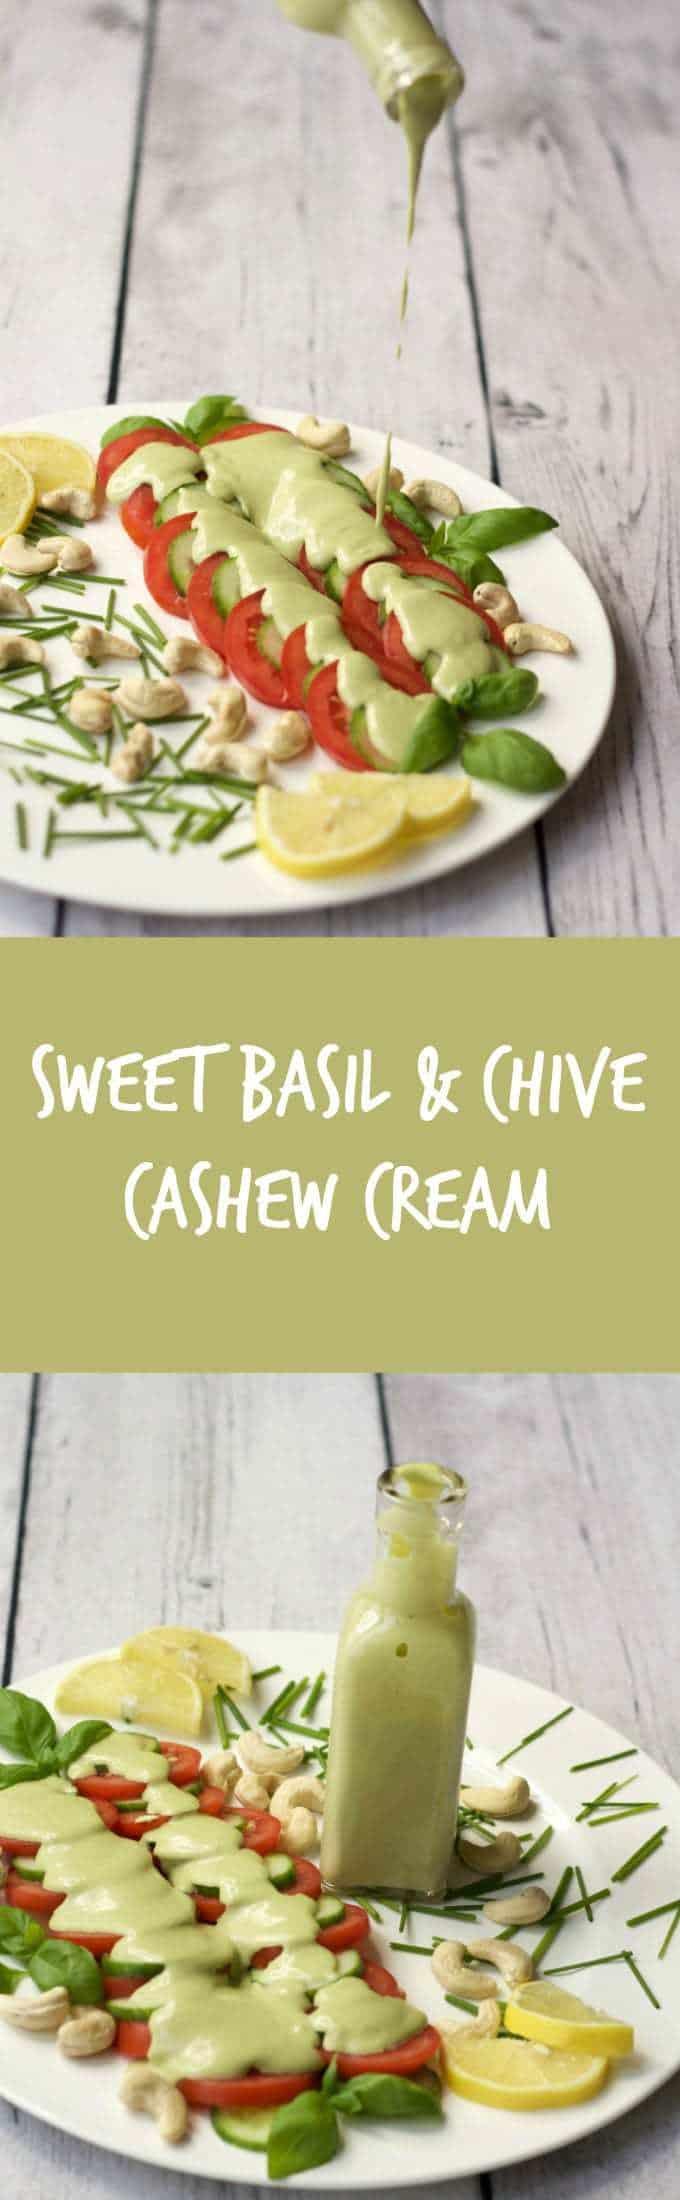 Sweet Basil and Chive Cashew Cream #vegan #lovingitvegan #dairyfree #glutenfree